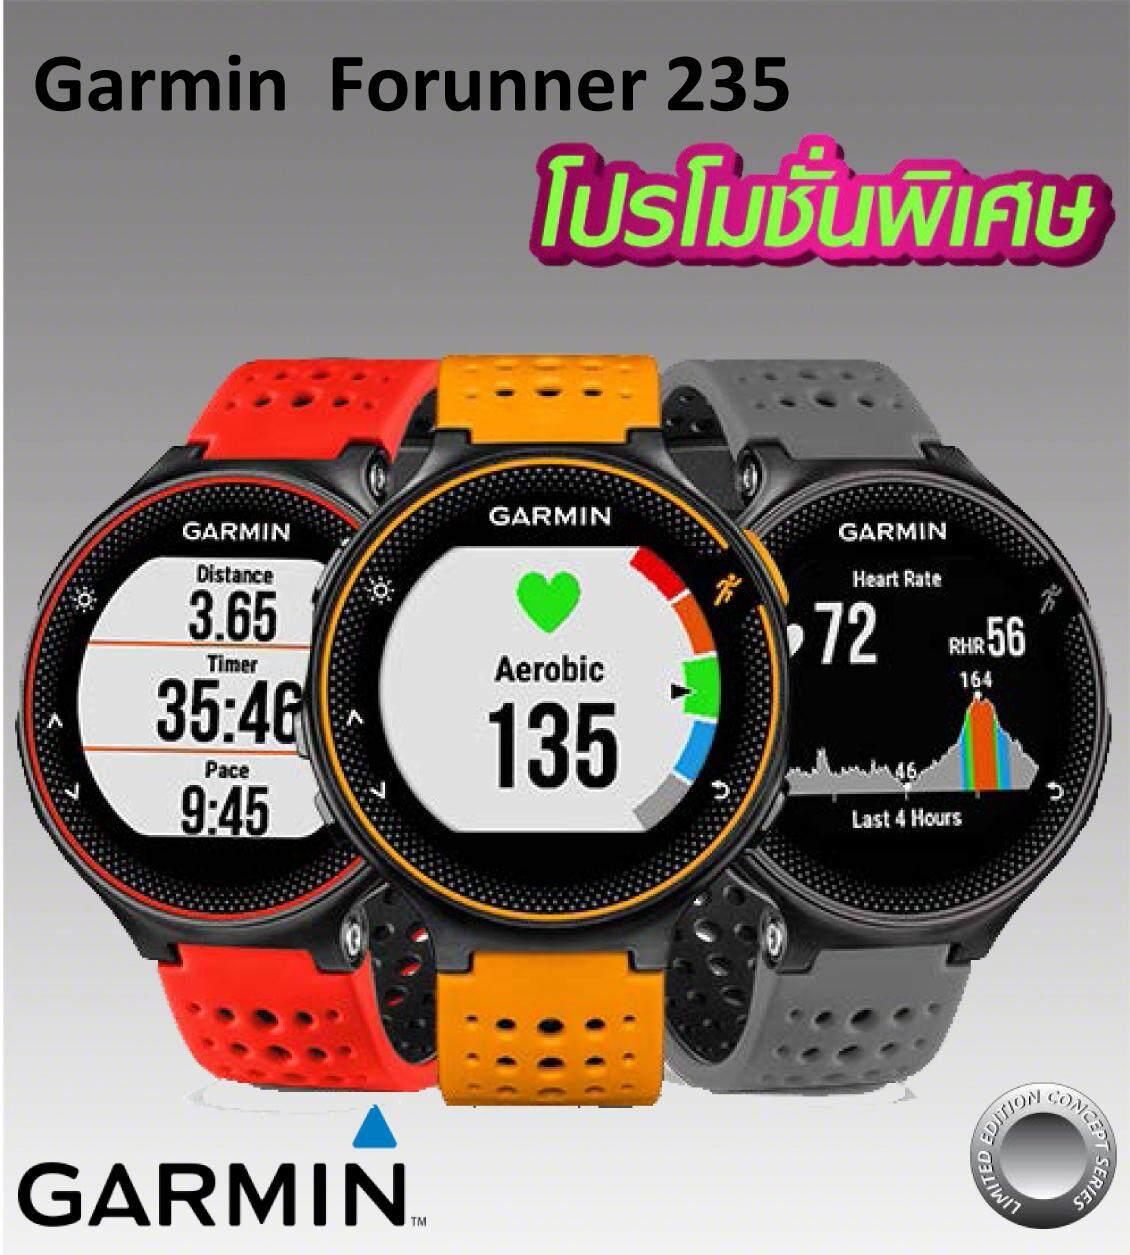 สอนใช้งาน  ลำปาง Garmin Forerunner 235 สีเทา (Gray/Red) ประกันศูนย์ไทย 1 ปี แถมฟิล์มกระจก 9H ( 12 Month Warranty) Asia Version